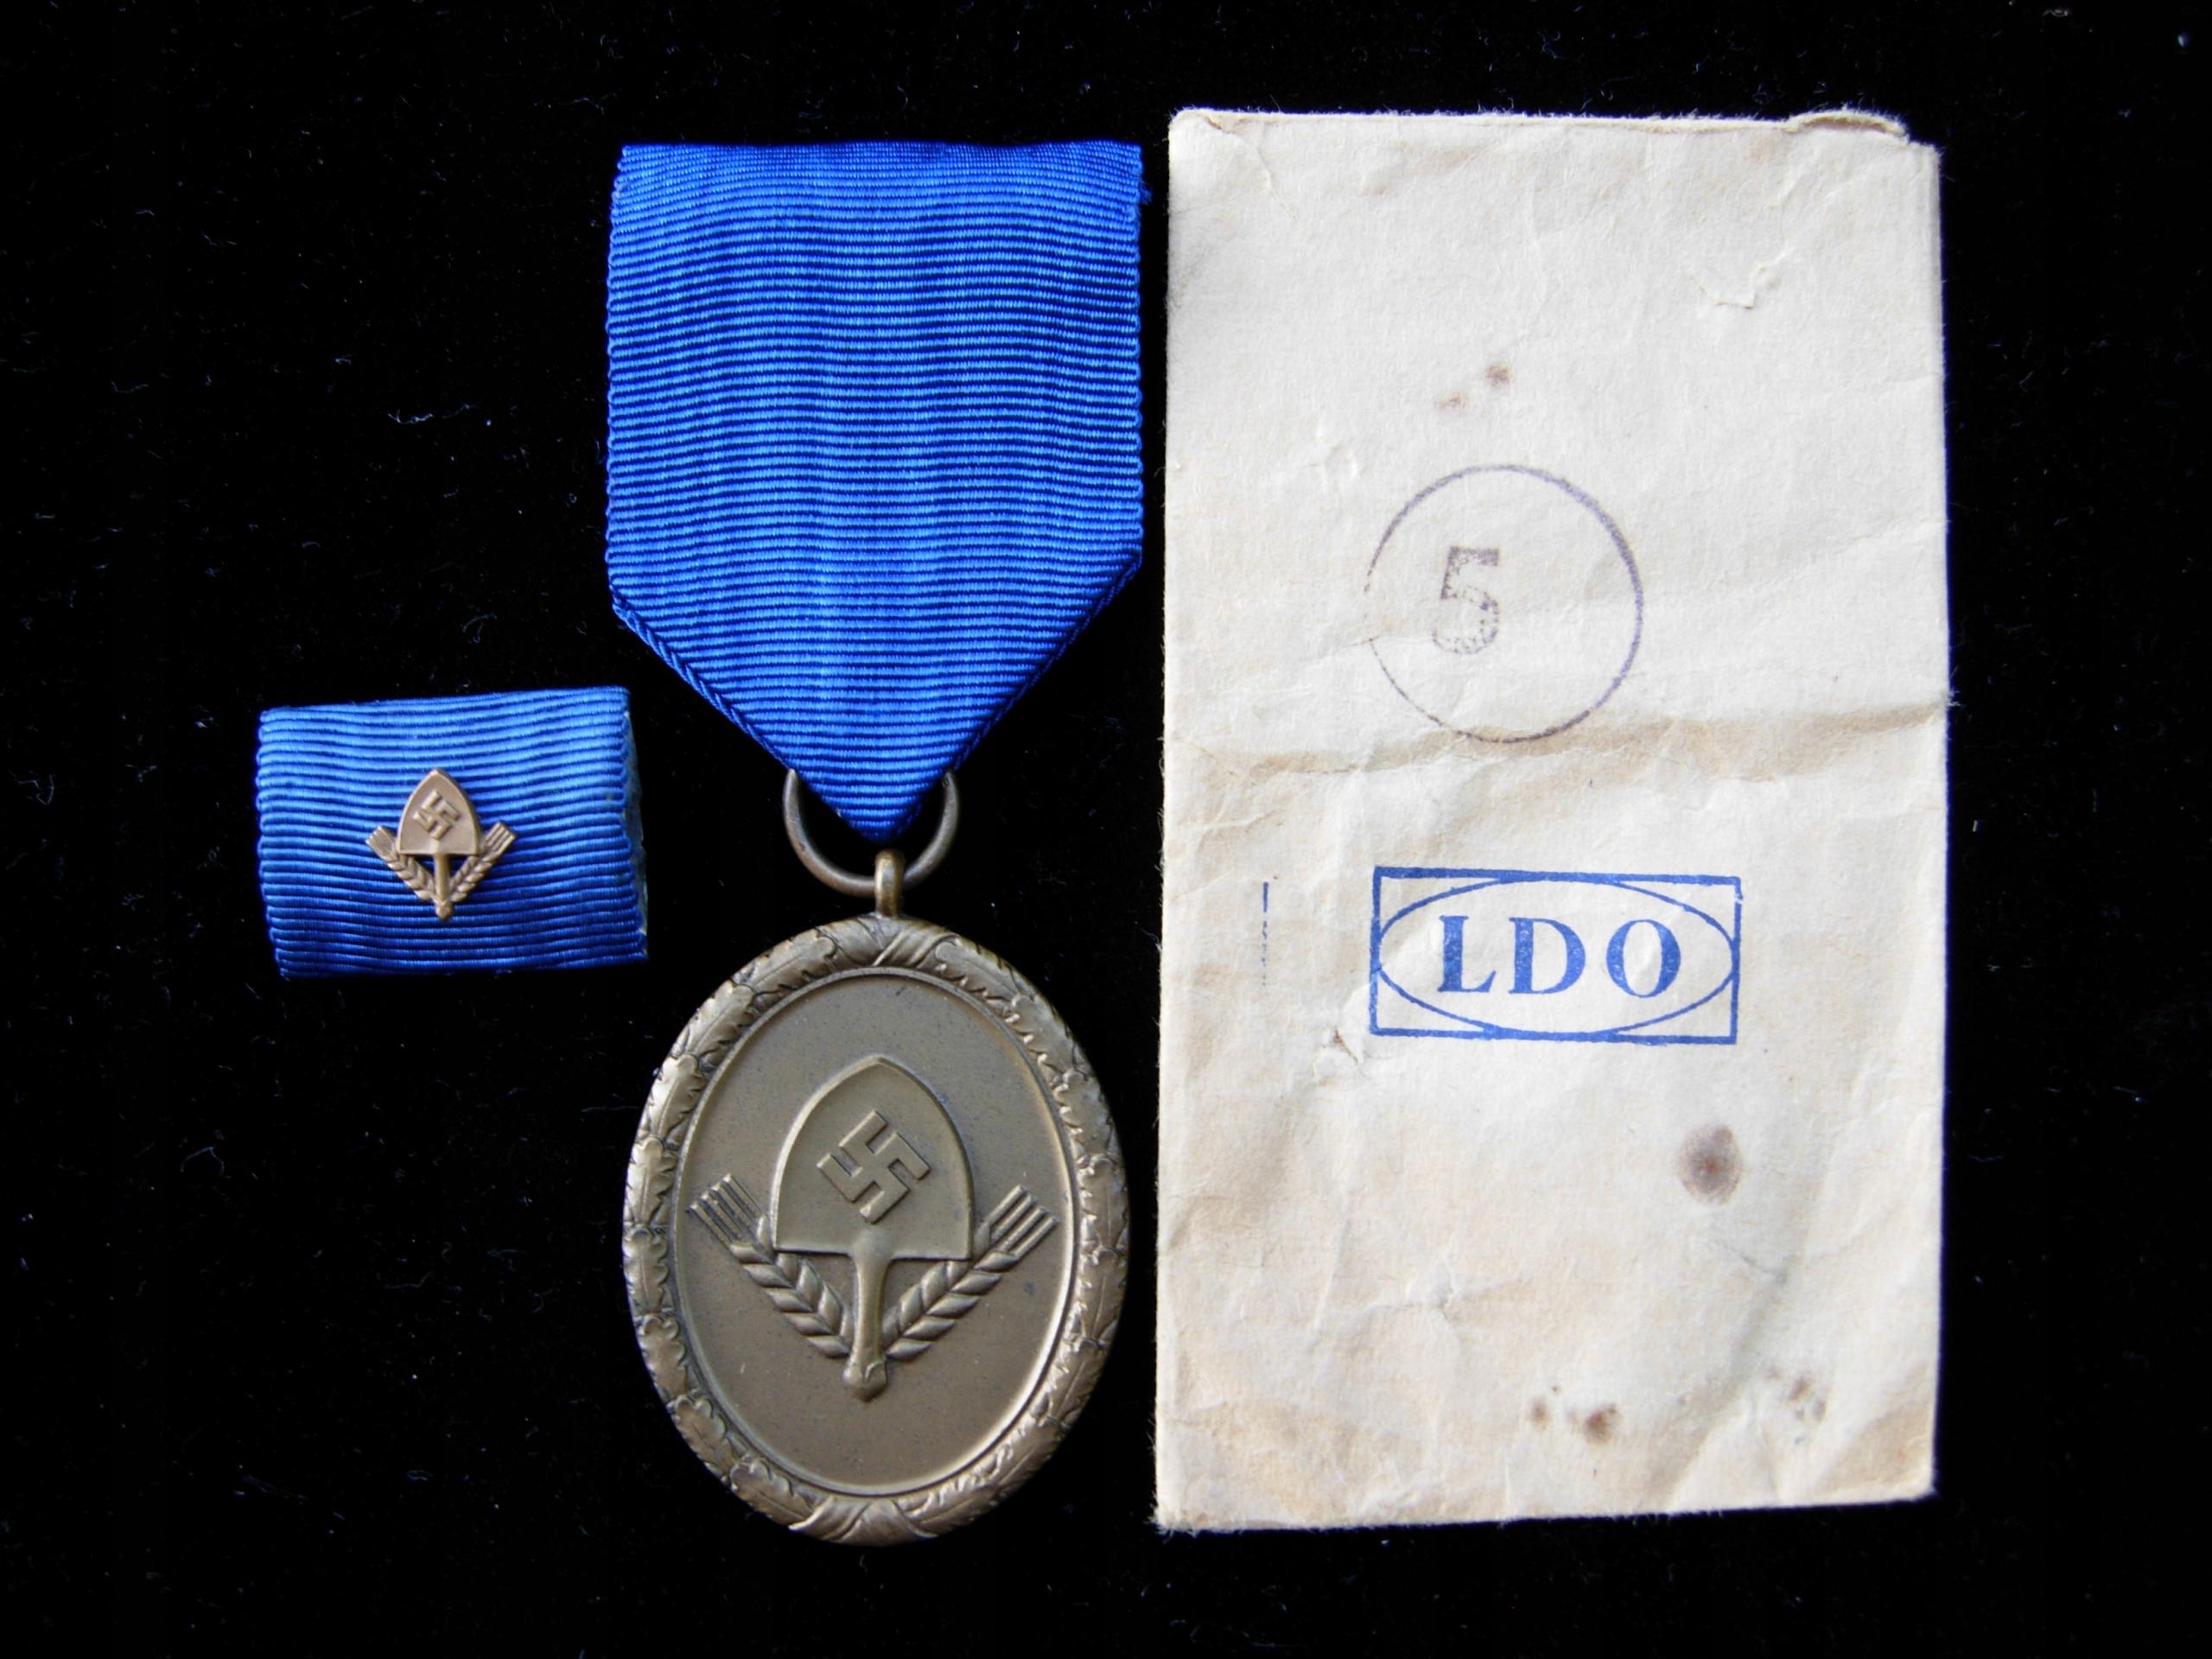 RAD Dienstauszeichnung 4 Jahre in Bronze, ZESTAW